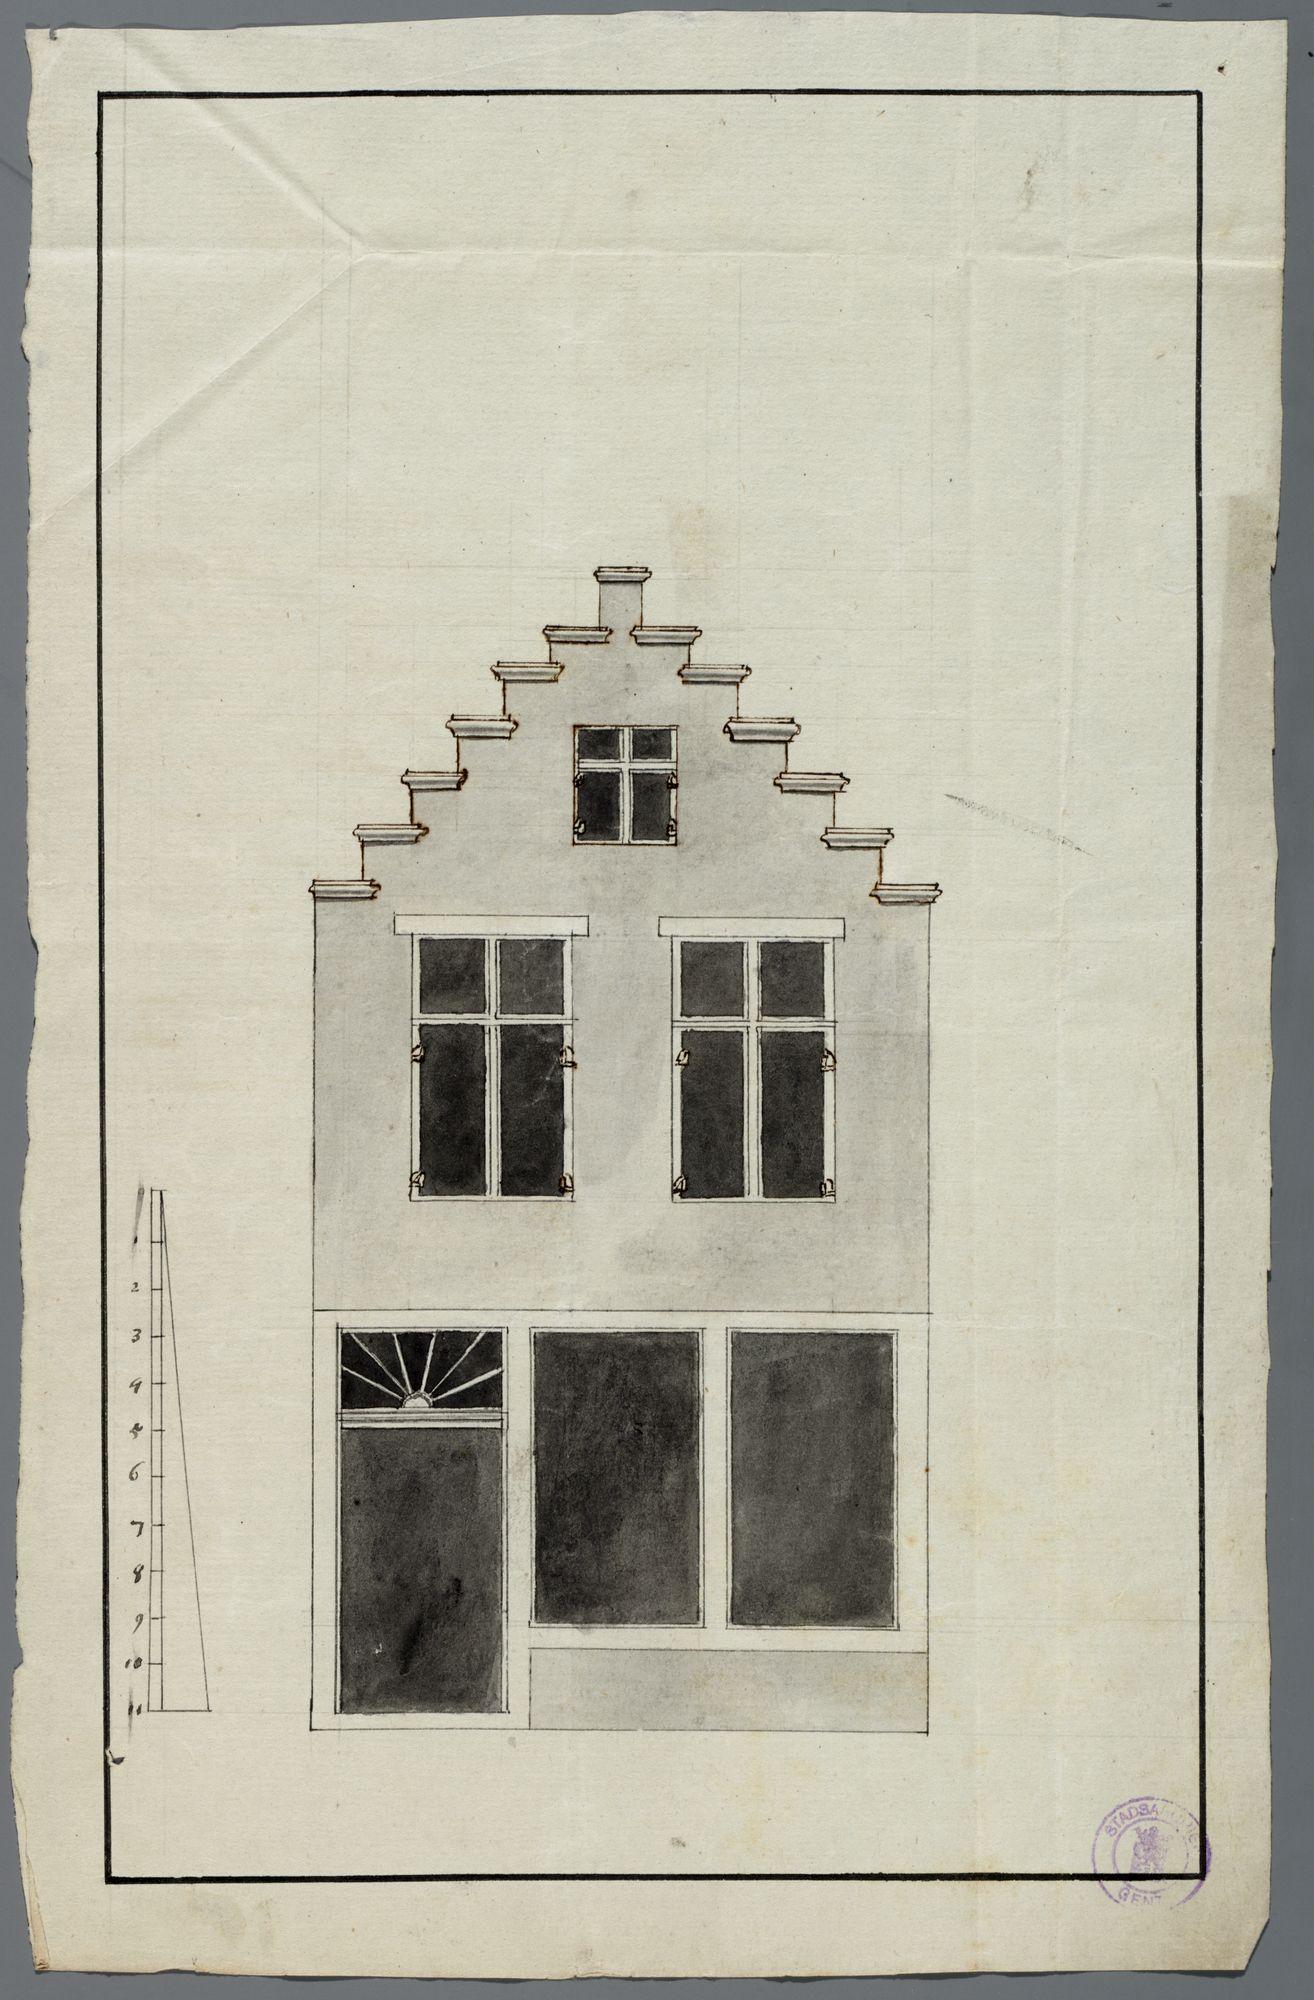 Gent: Peperstraat, 1776: opstand gevel